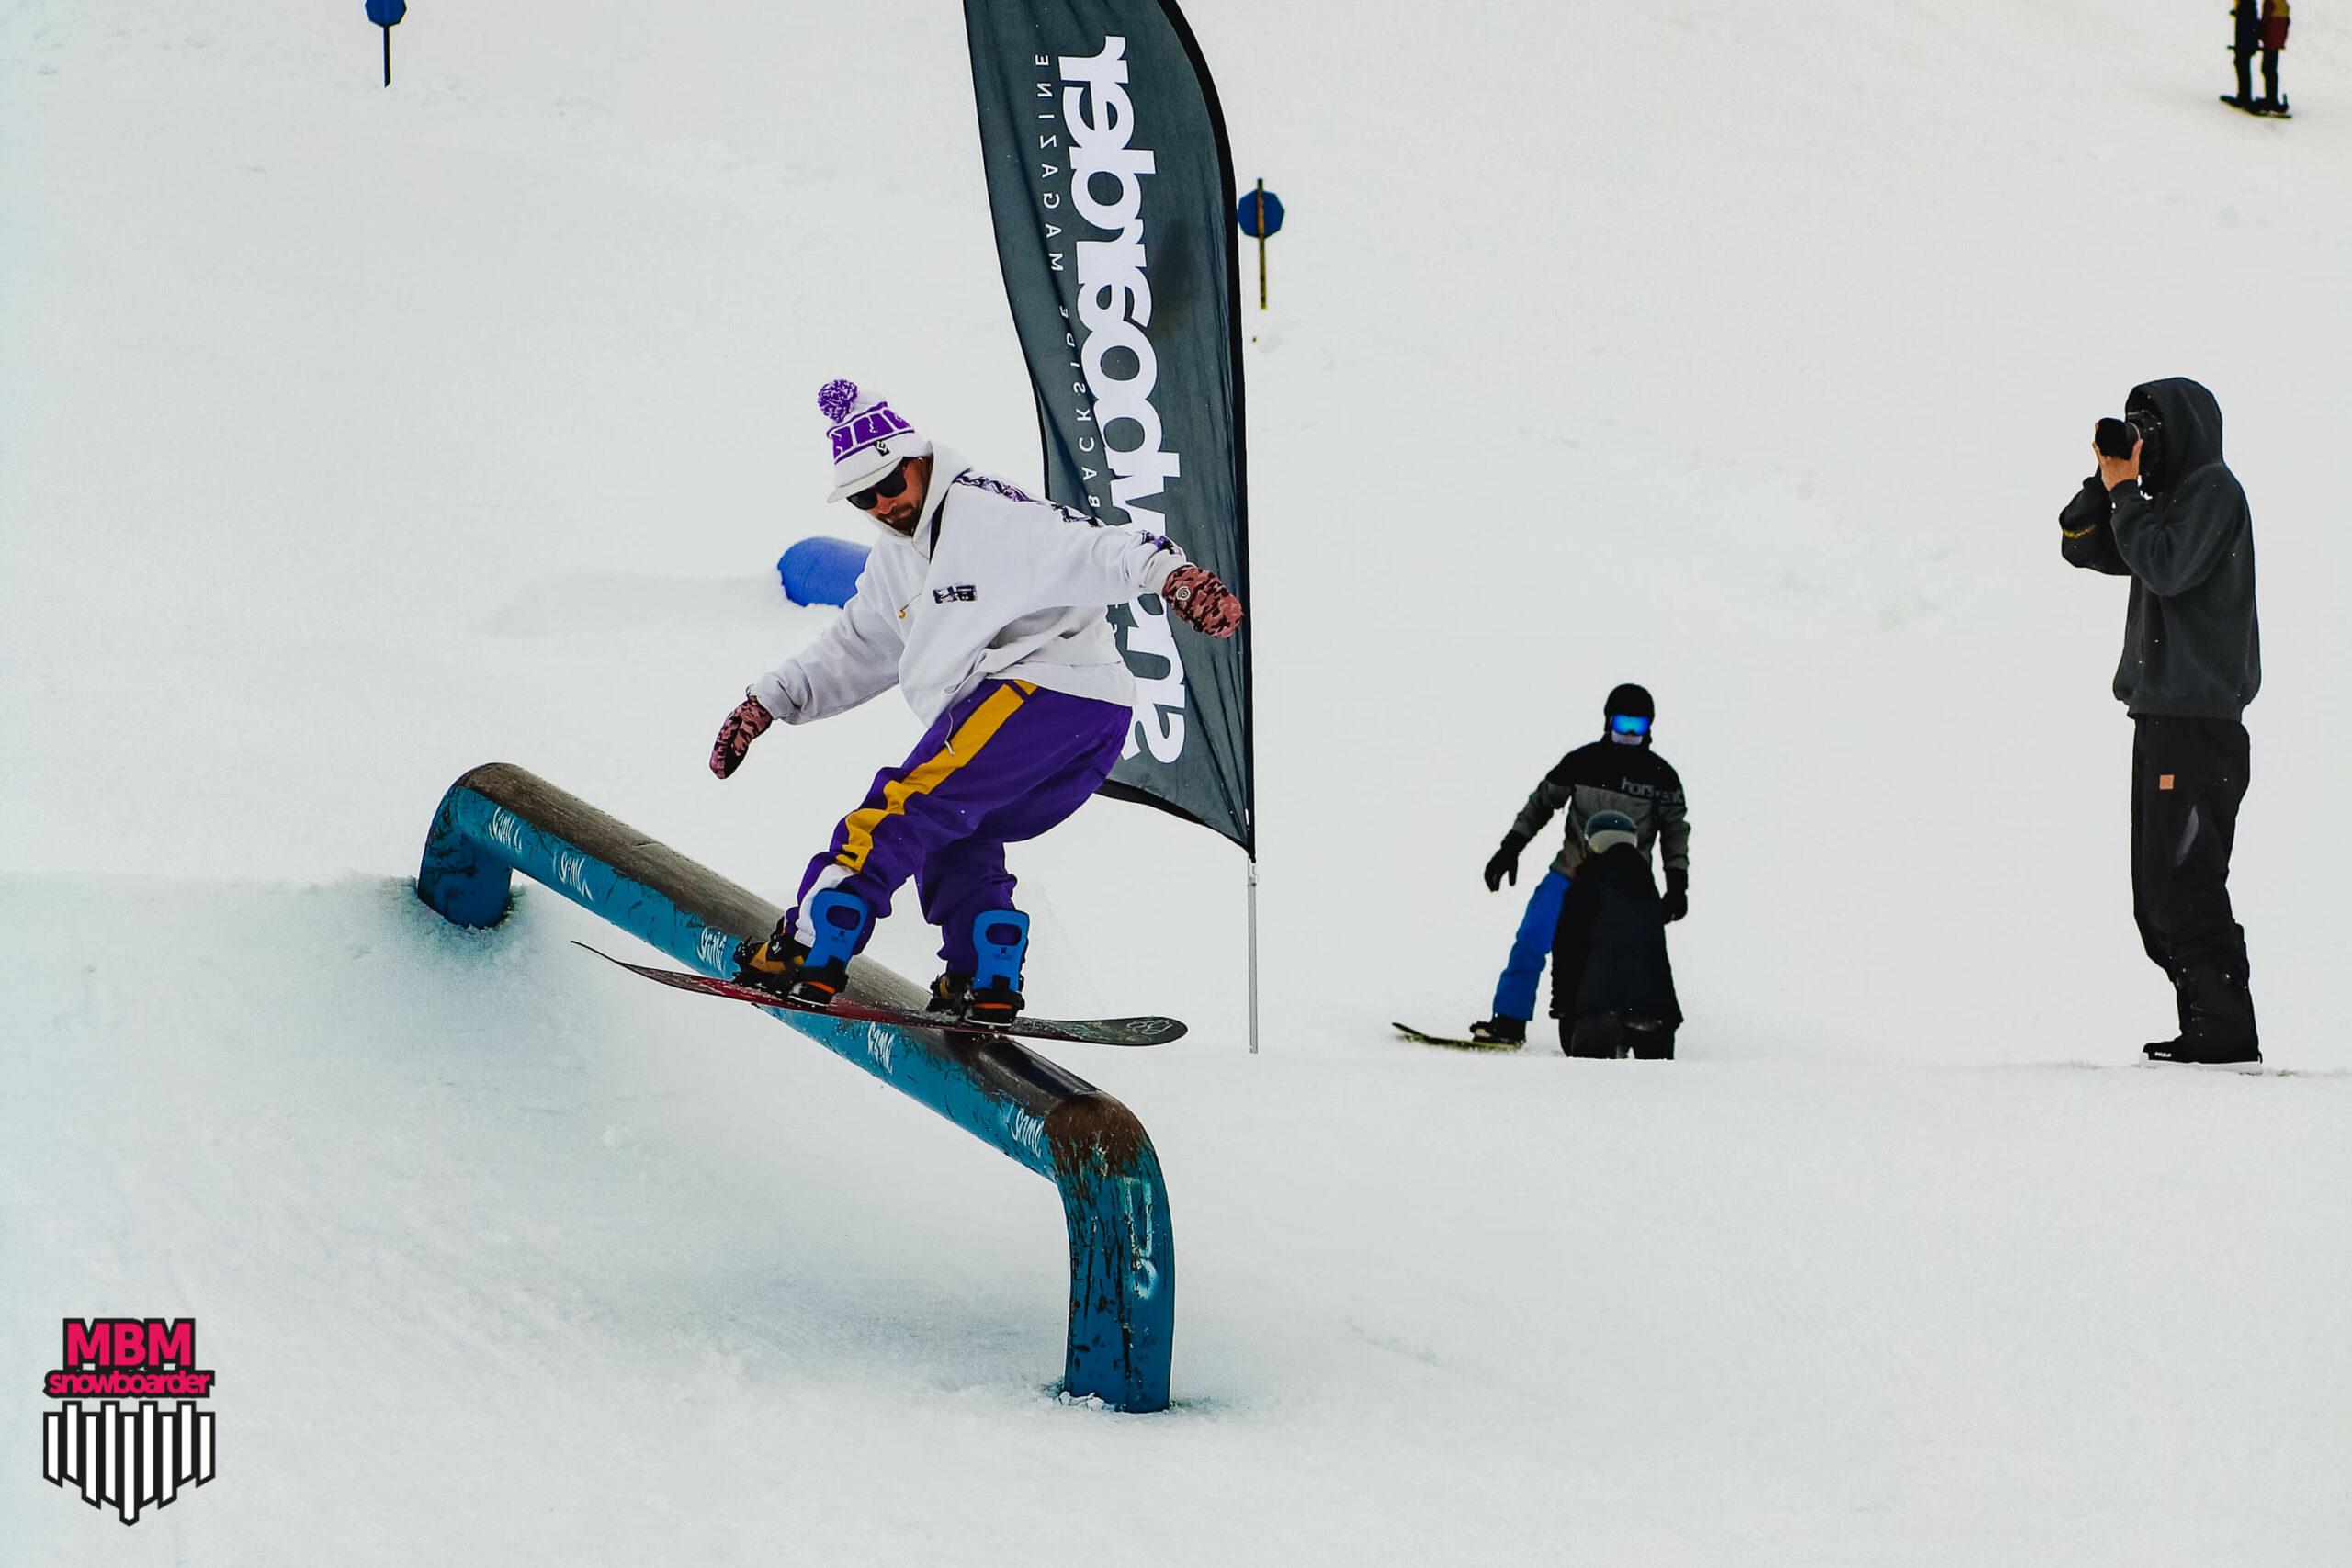 snowboarderMBM_sd_kaunertal_061